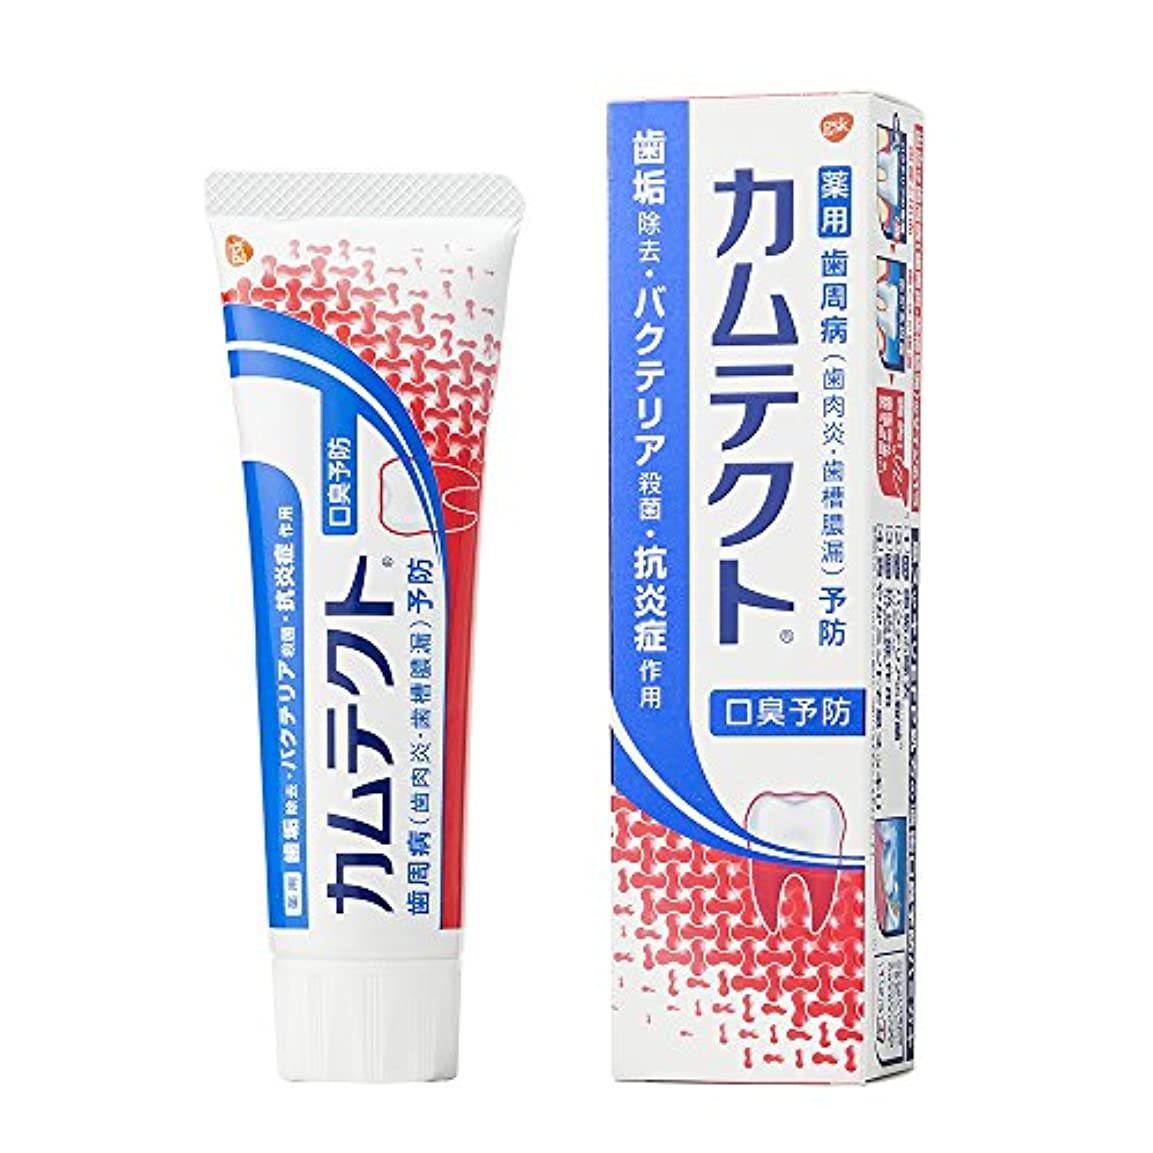 ゴネリル個人反応する[医薬部外品]カムテクト 口臭予防 歯周病(歯肉炎?歯槽膿漏) 予防 歯みがき粉 105g